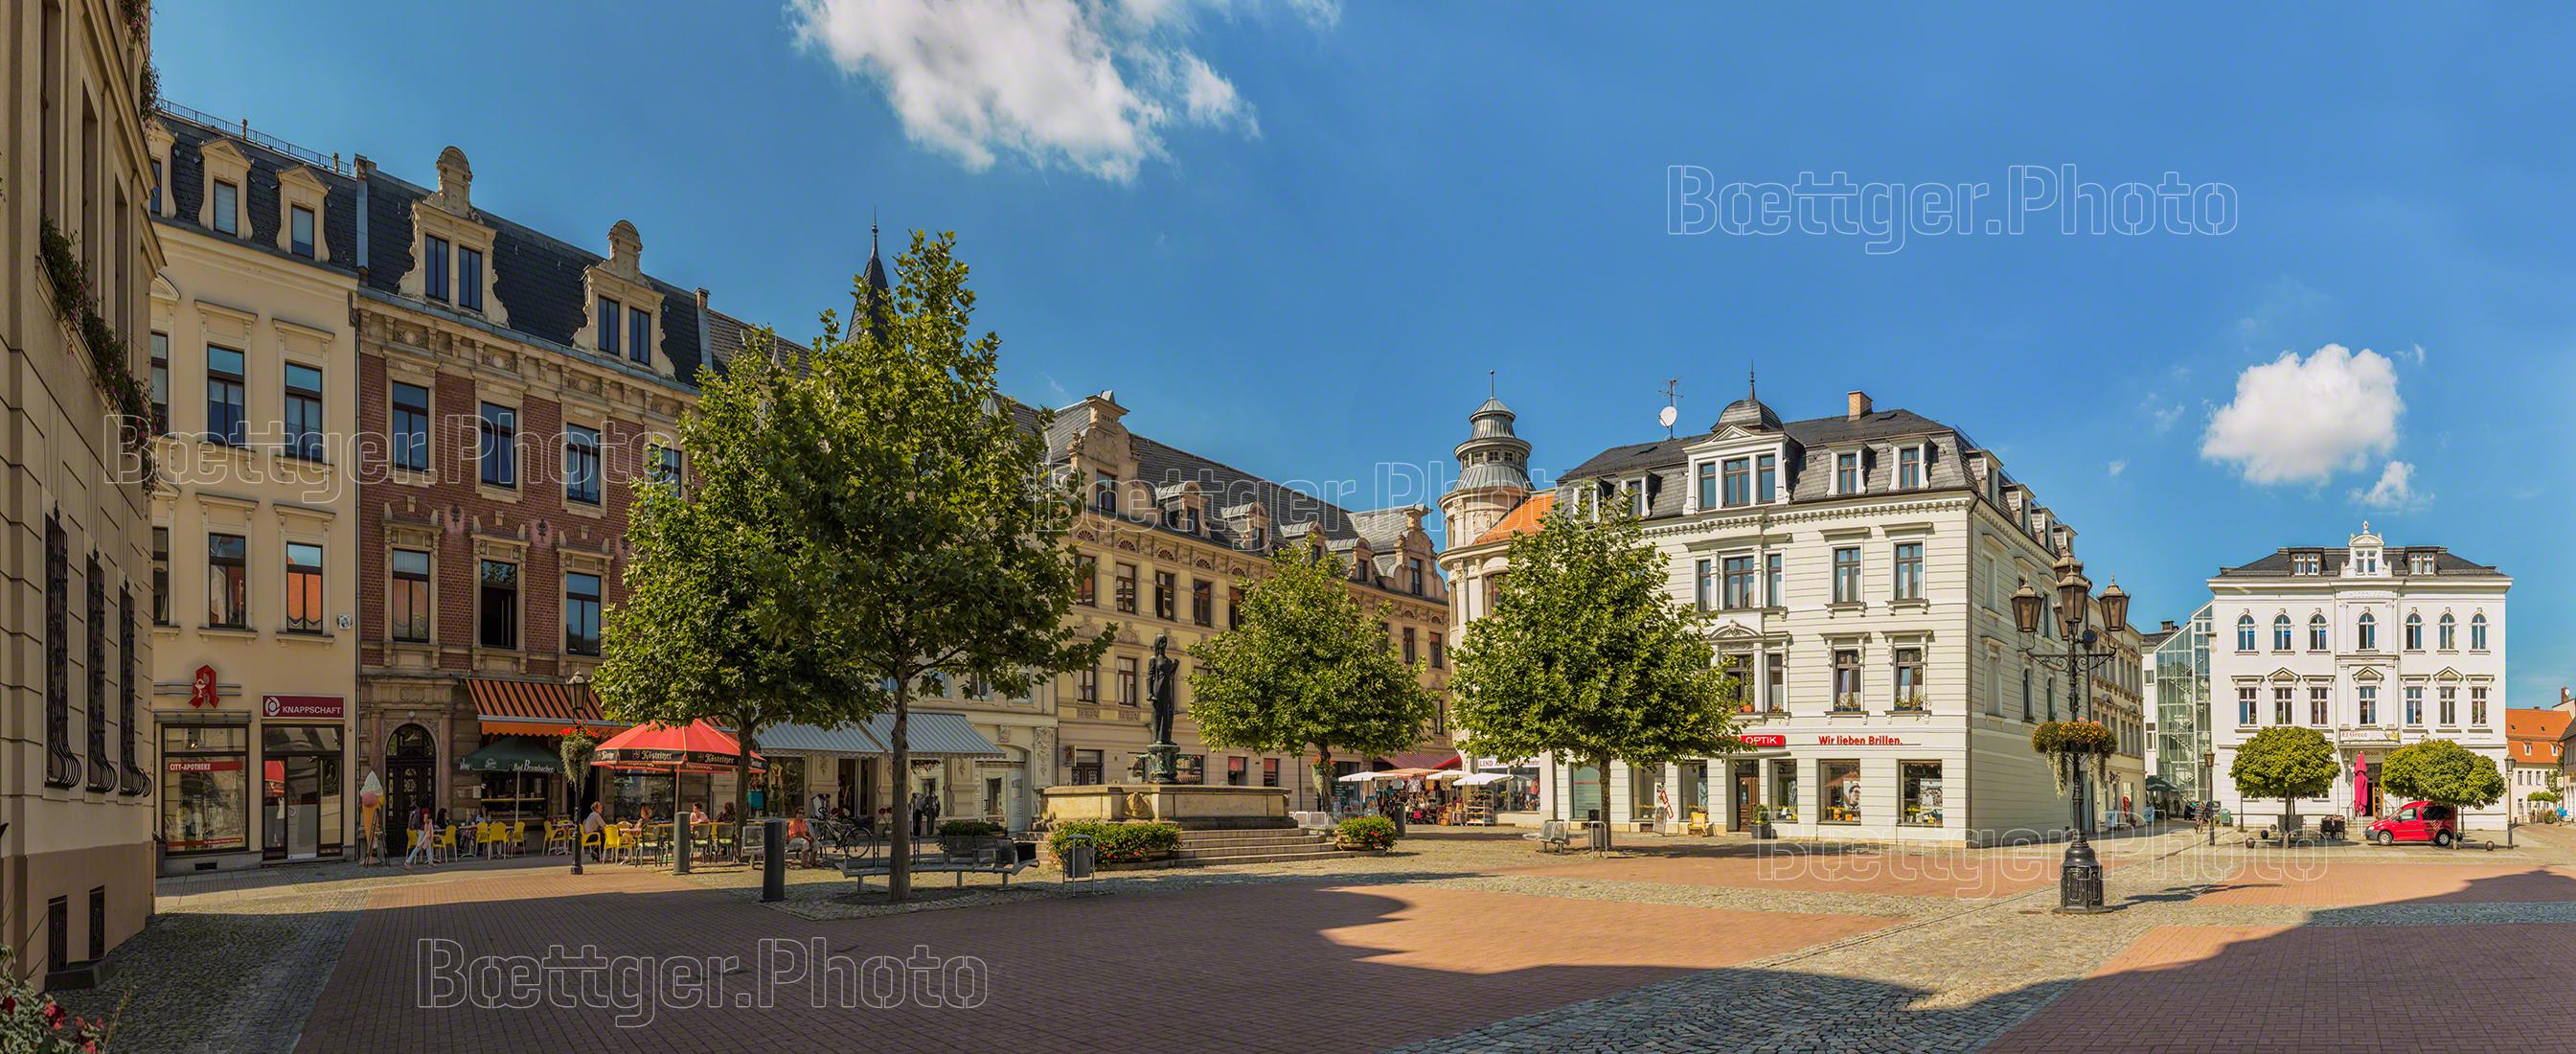 Crimmitschau Marktplatz